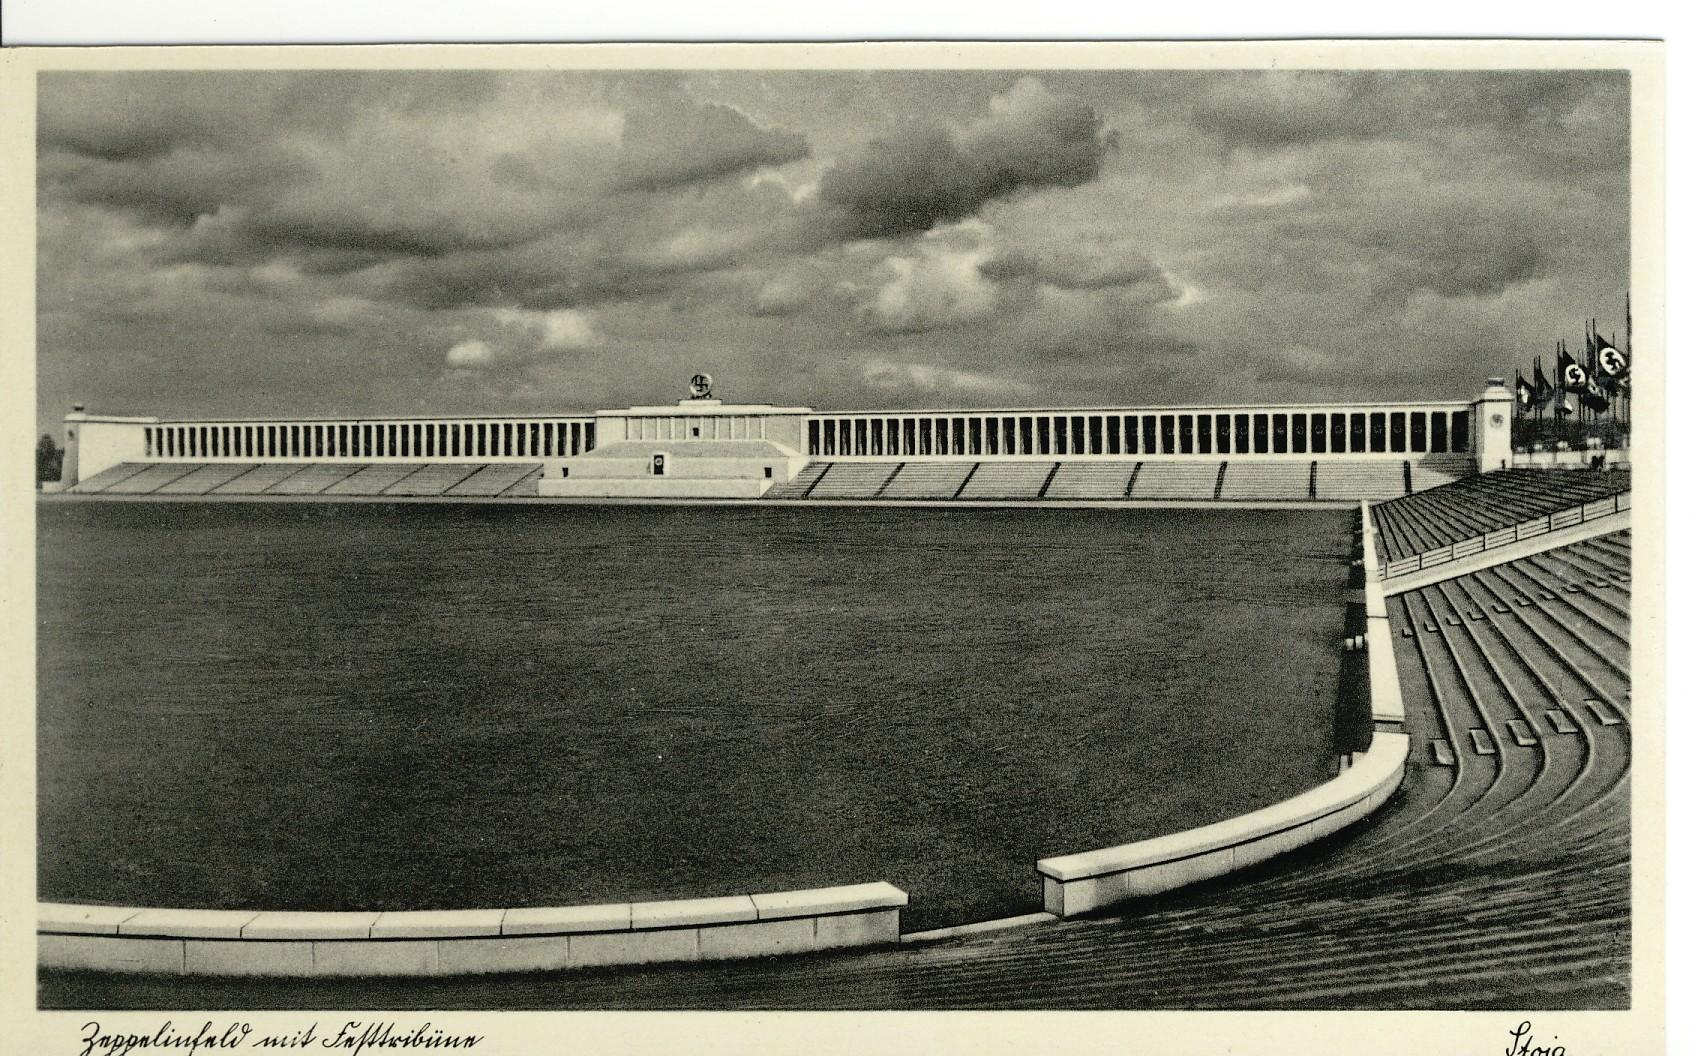 Zeppelinfeld1